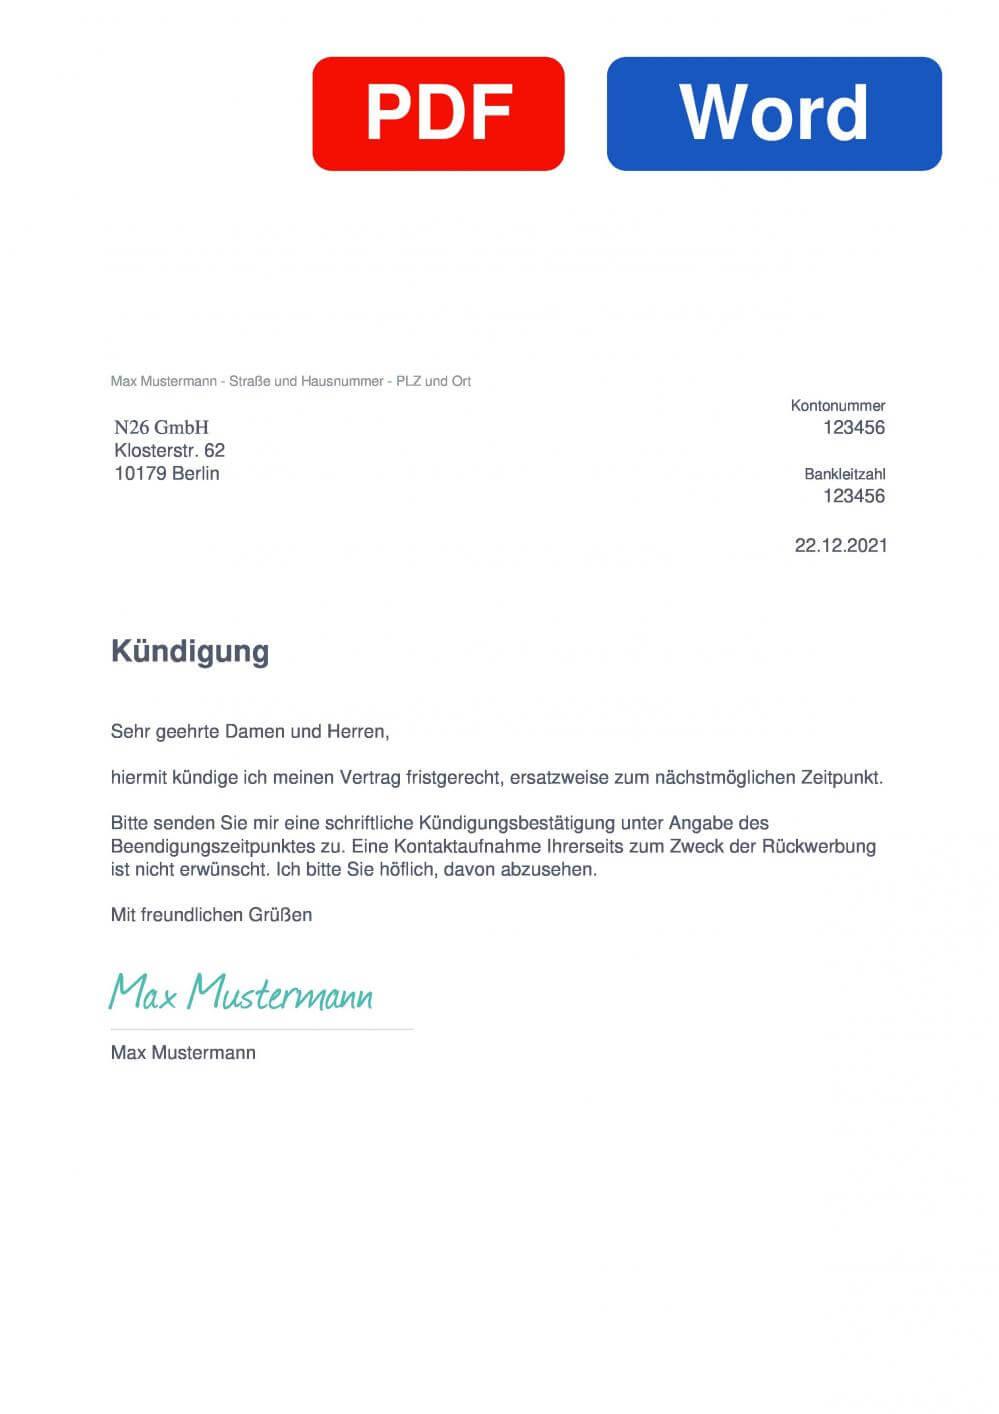 Number26 Direktbank Muster Vorlage für Kündigungsschreiben